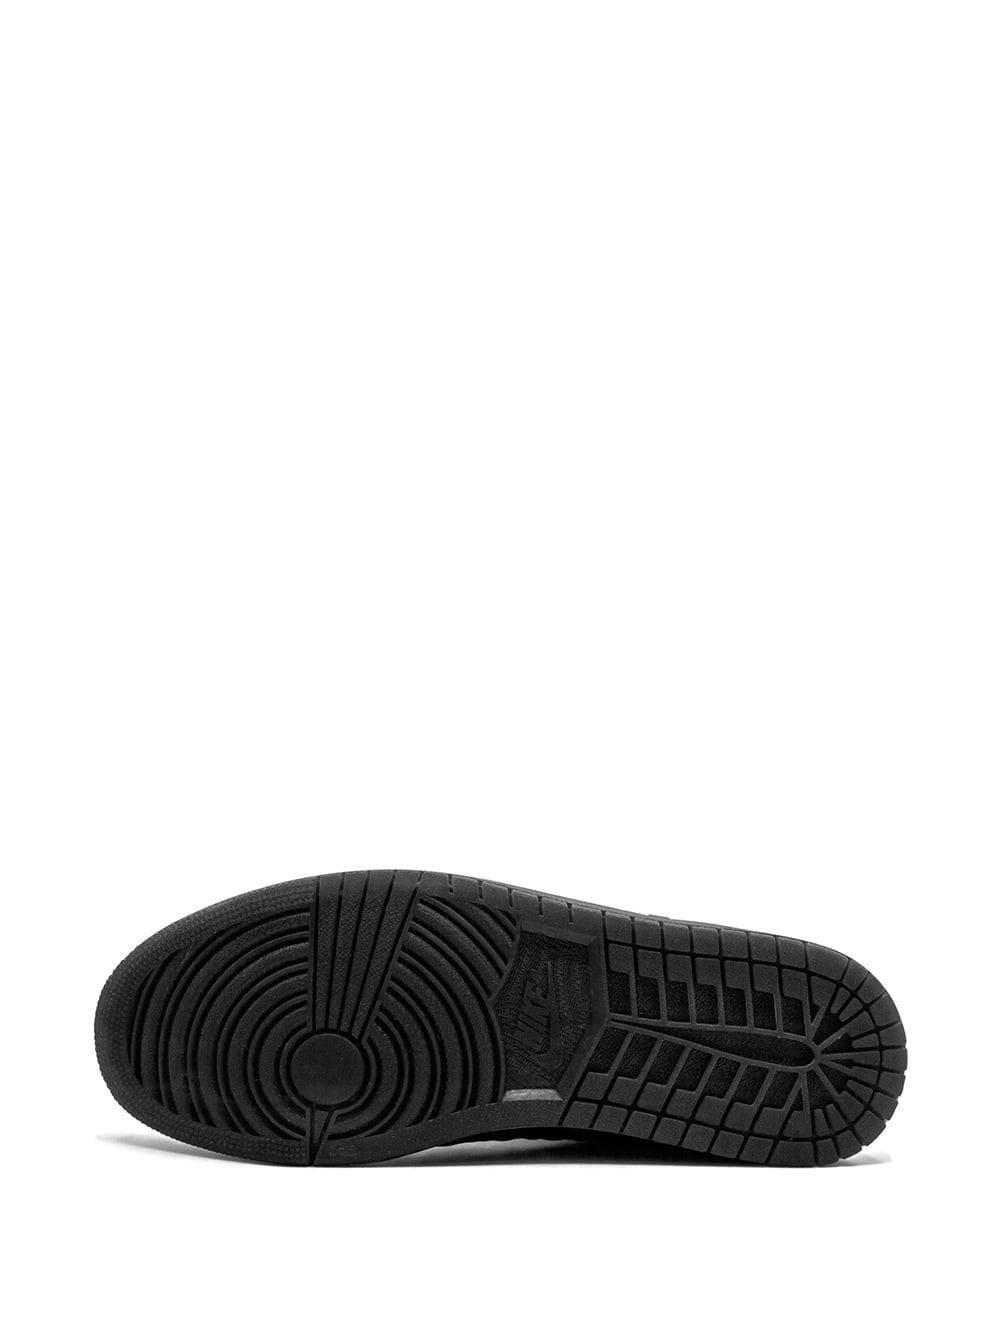 Nike Leer Spizike Sneakers in het Zwart voor heren